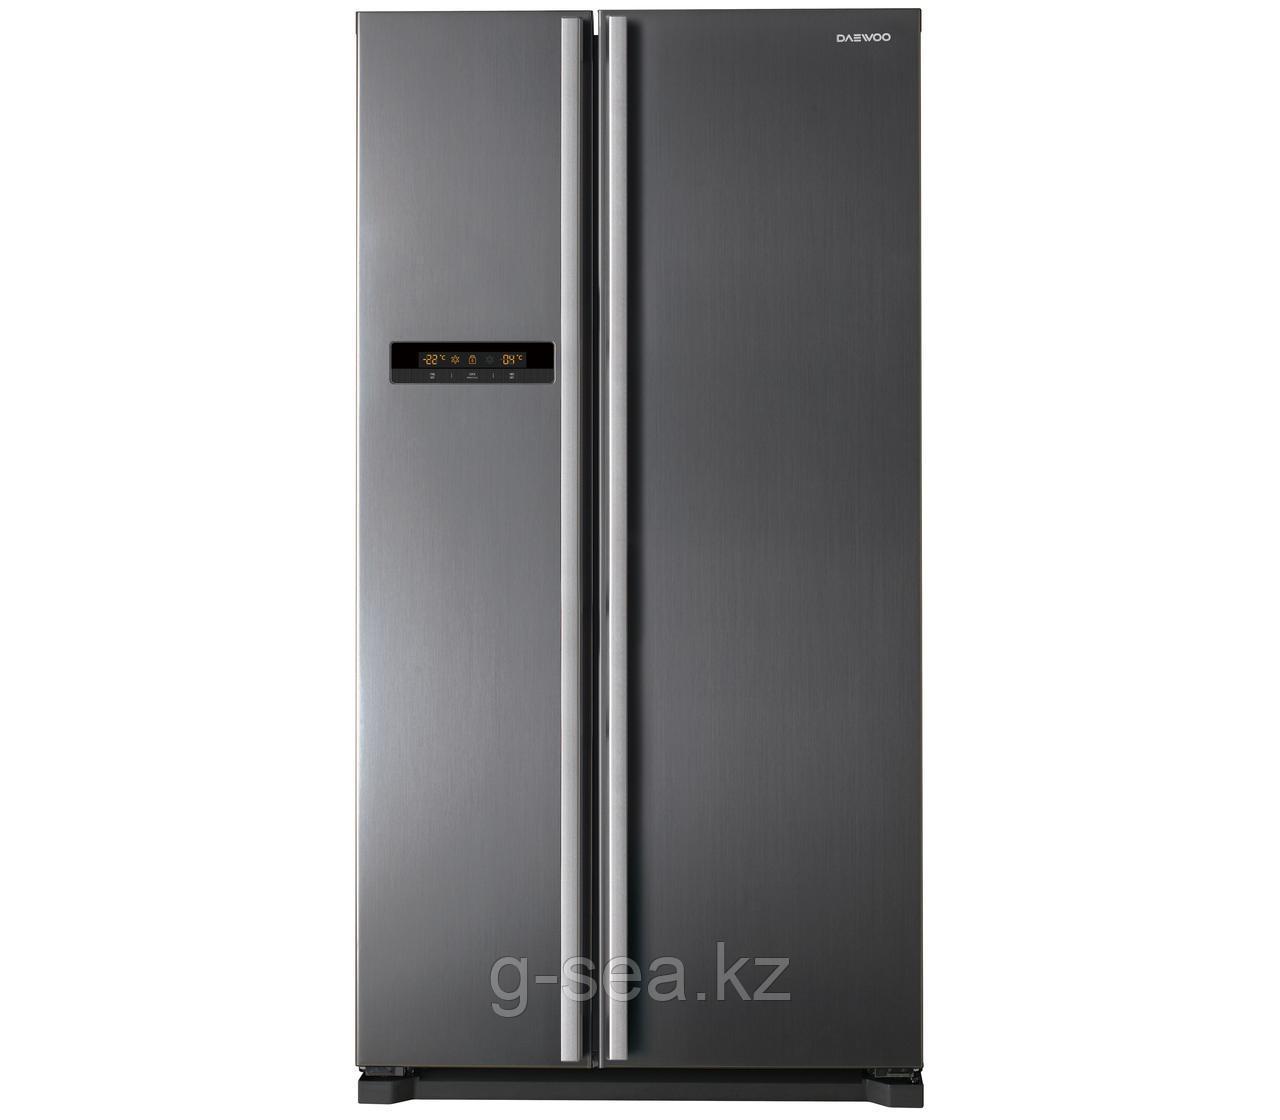 Холодильник DAEWOO FRN-X600BCS (рф)